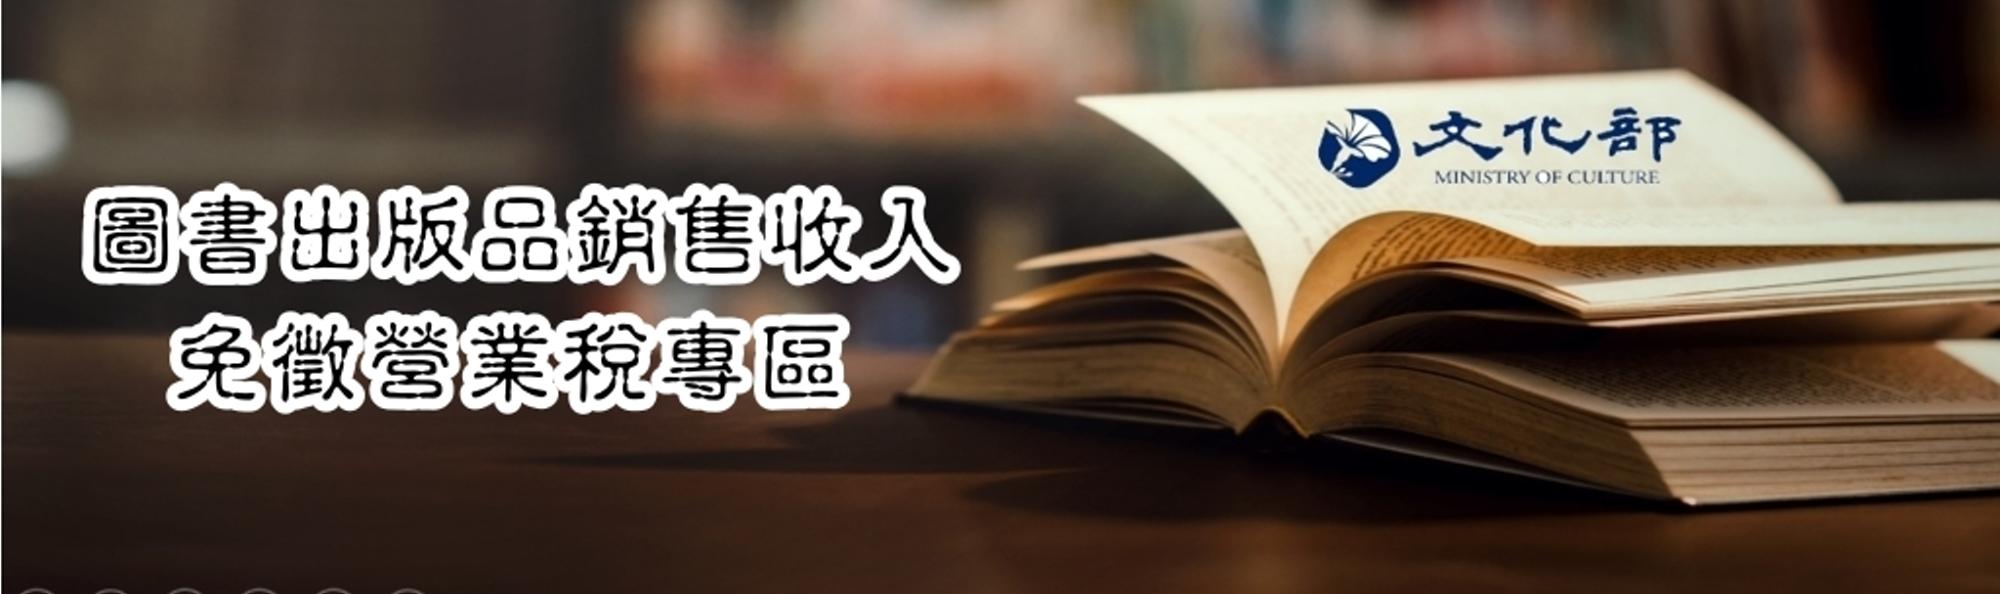 圖書出版品銷售收入免徵營業稅專區